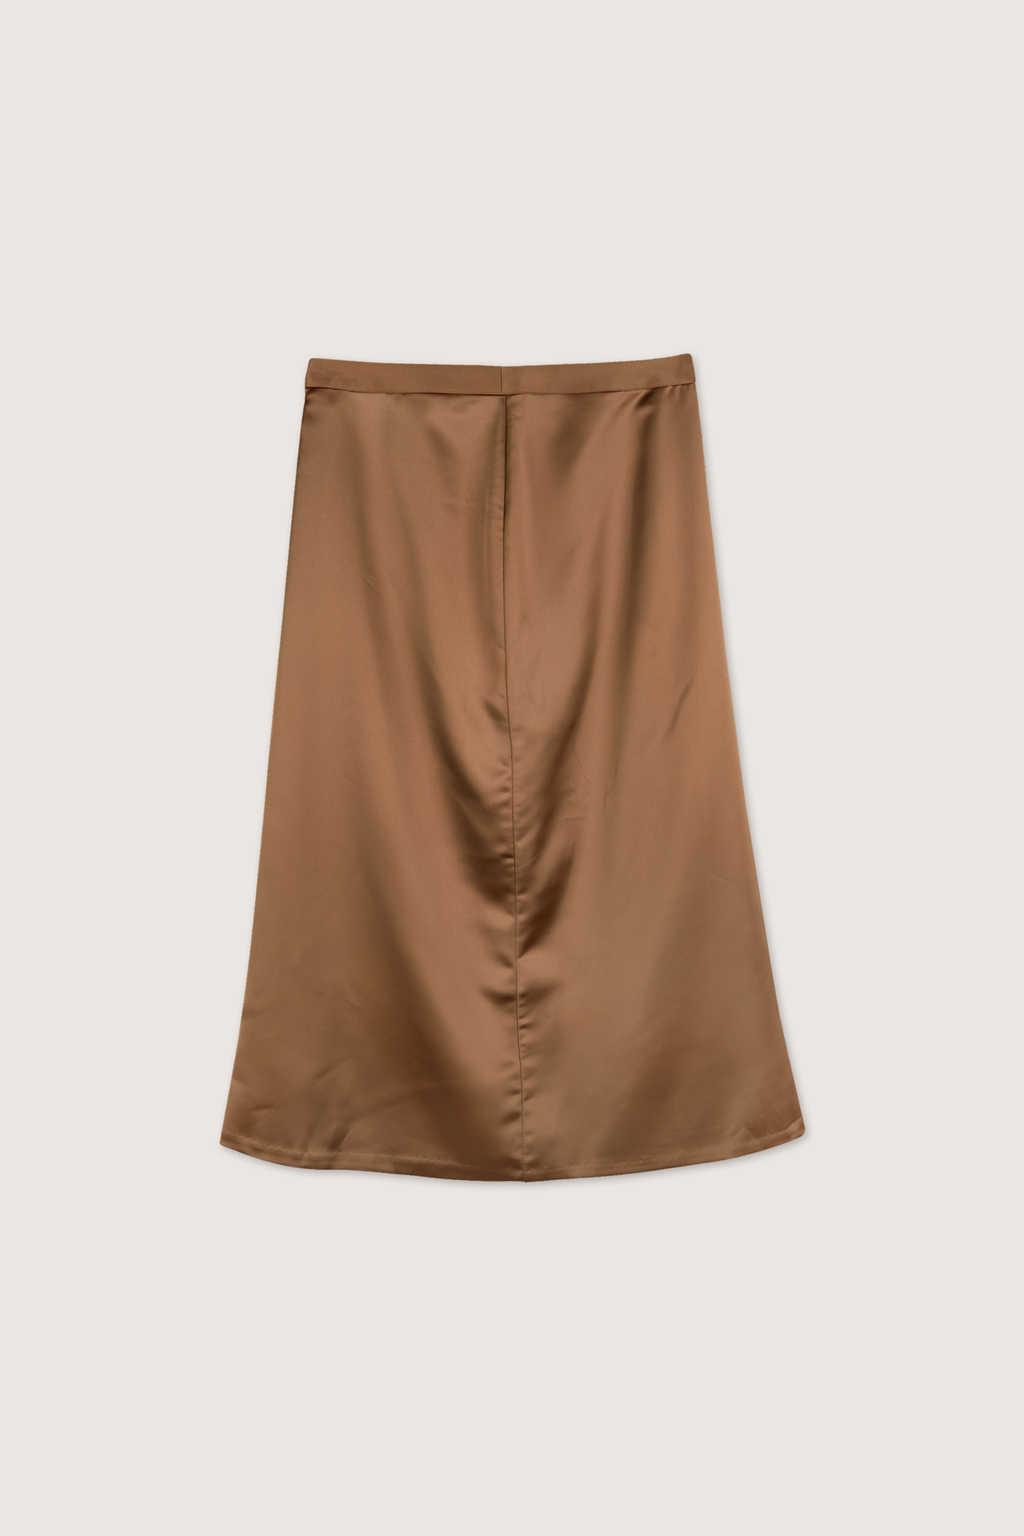 Skirt H162 Brown 10